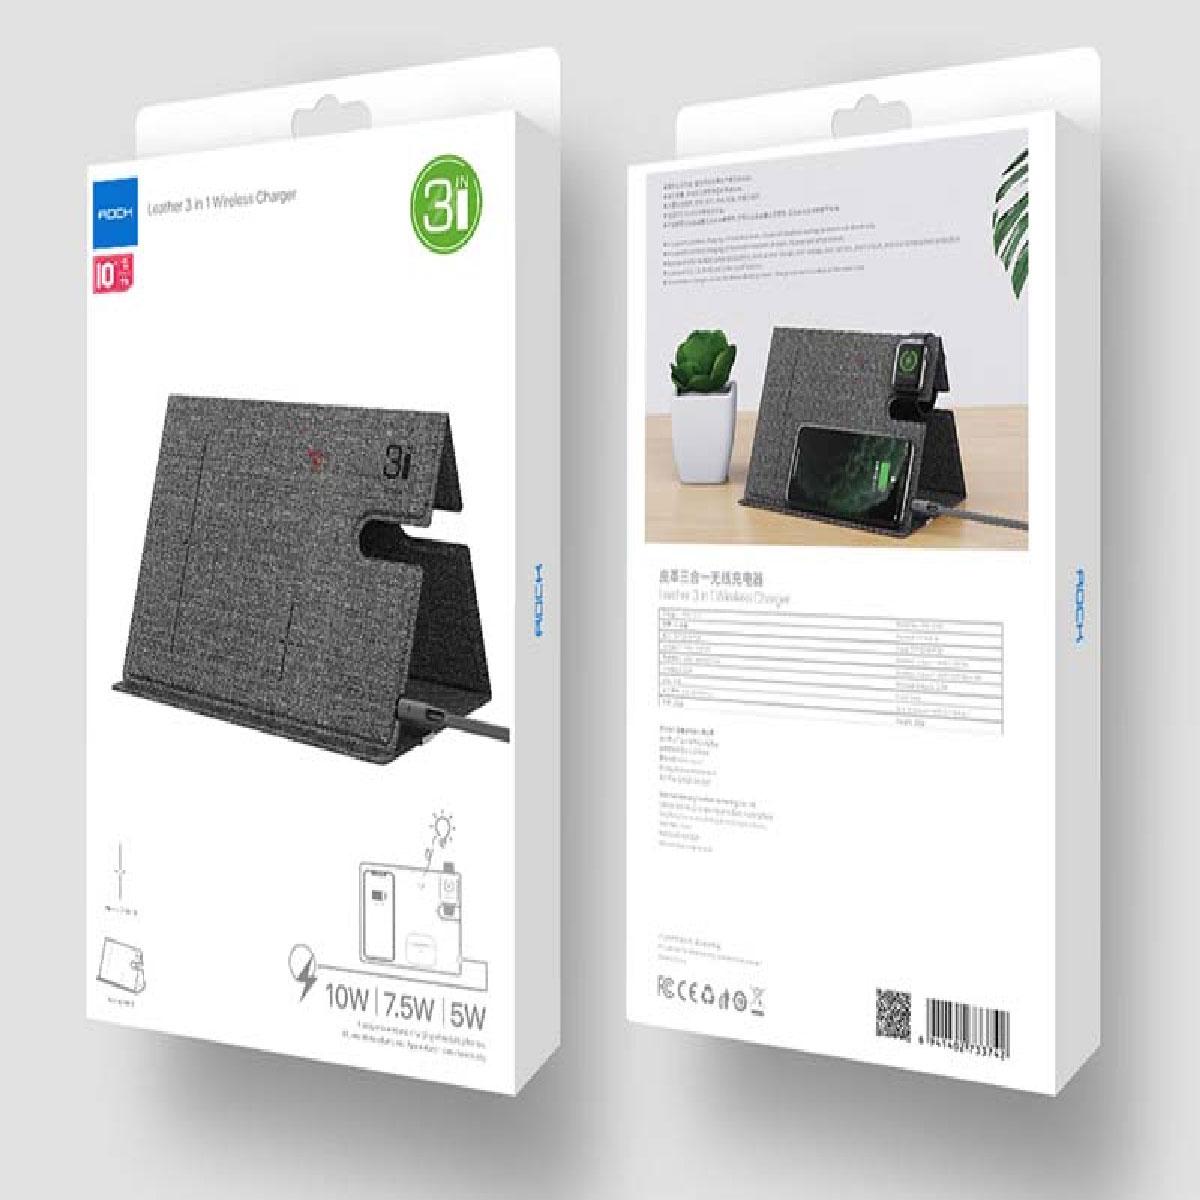 Carregador Sem fio 3 em 1 Dobrável 10W para Iphone/Ipad/Watch/Airpods